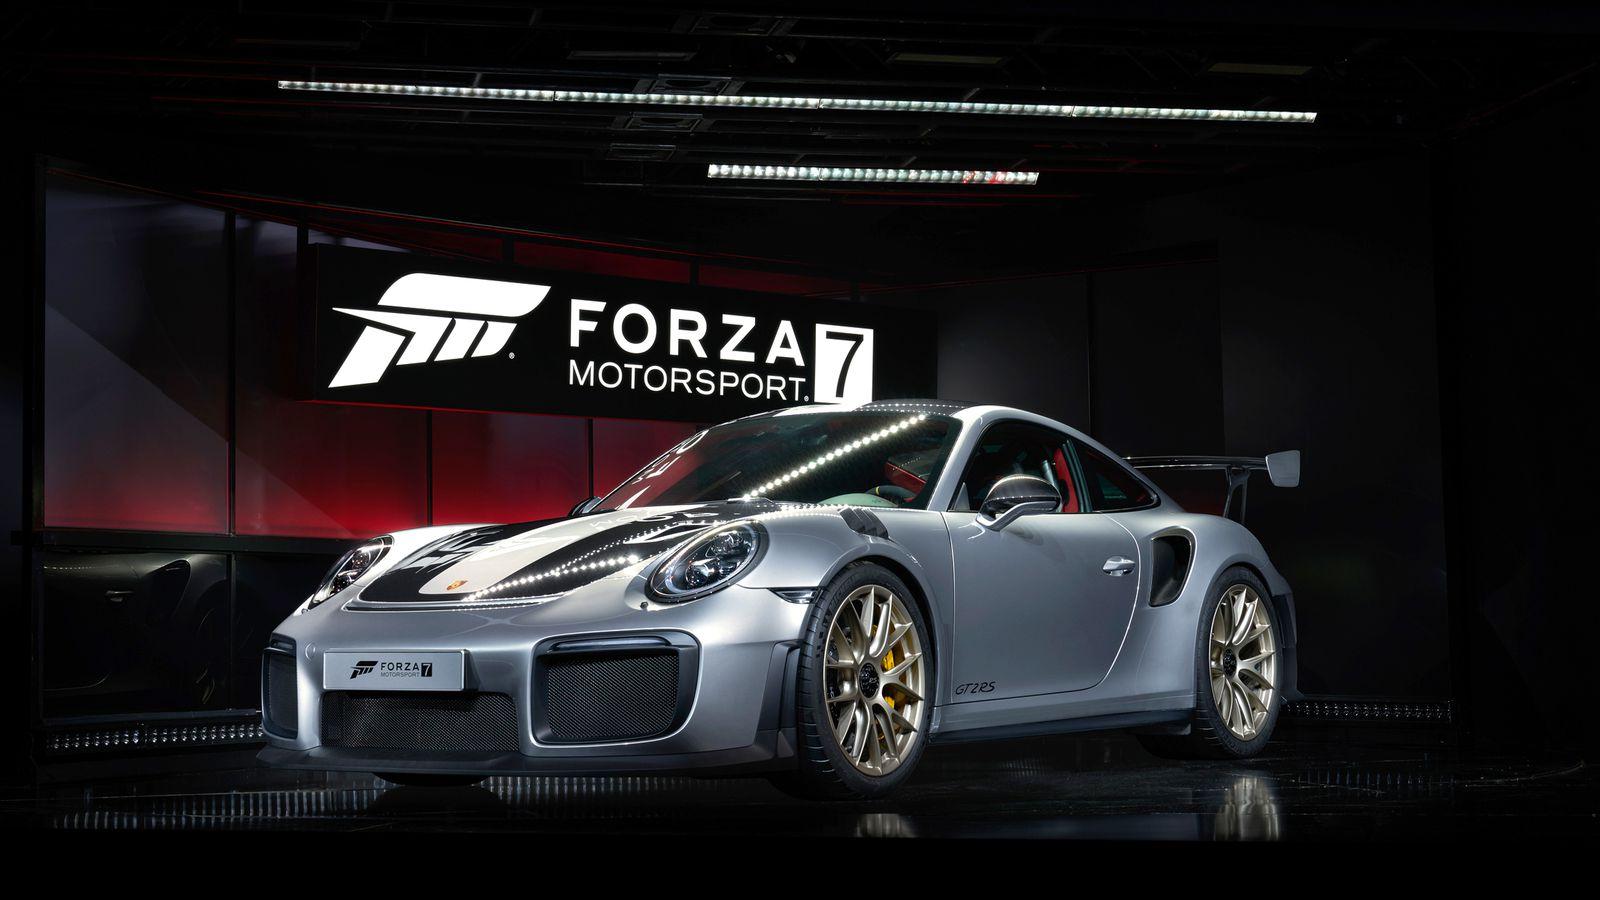 Monster Rally Car Wallpaper Porsche Announces A New 911 At E3 The Verge